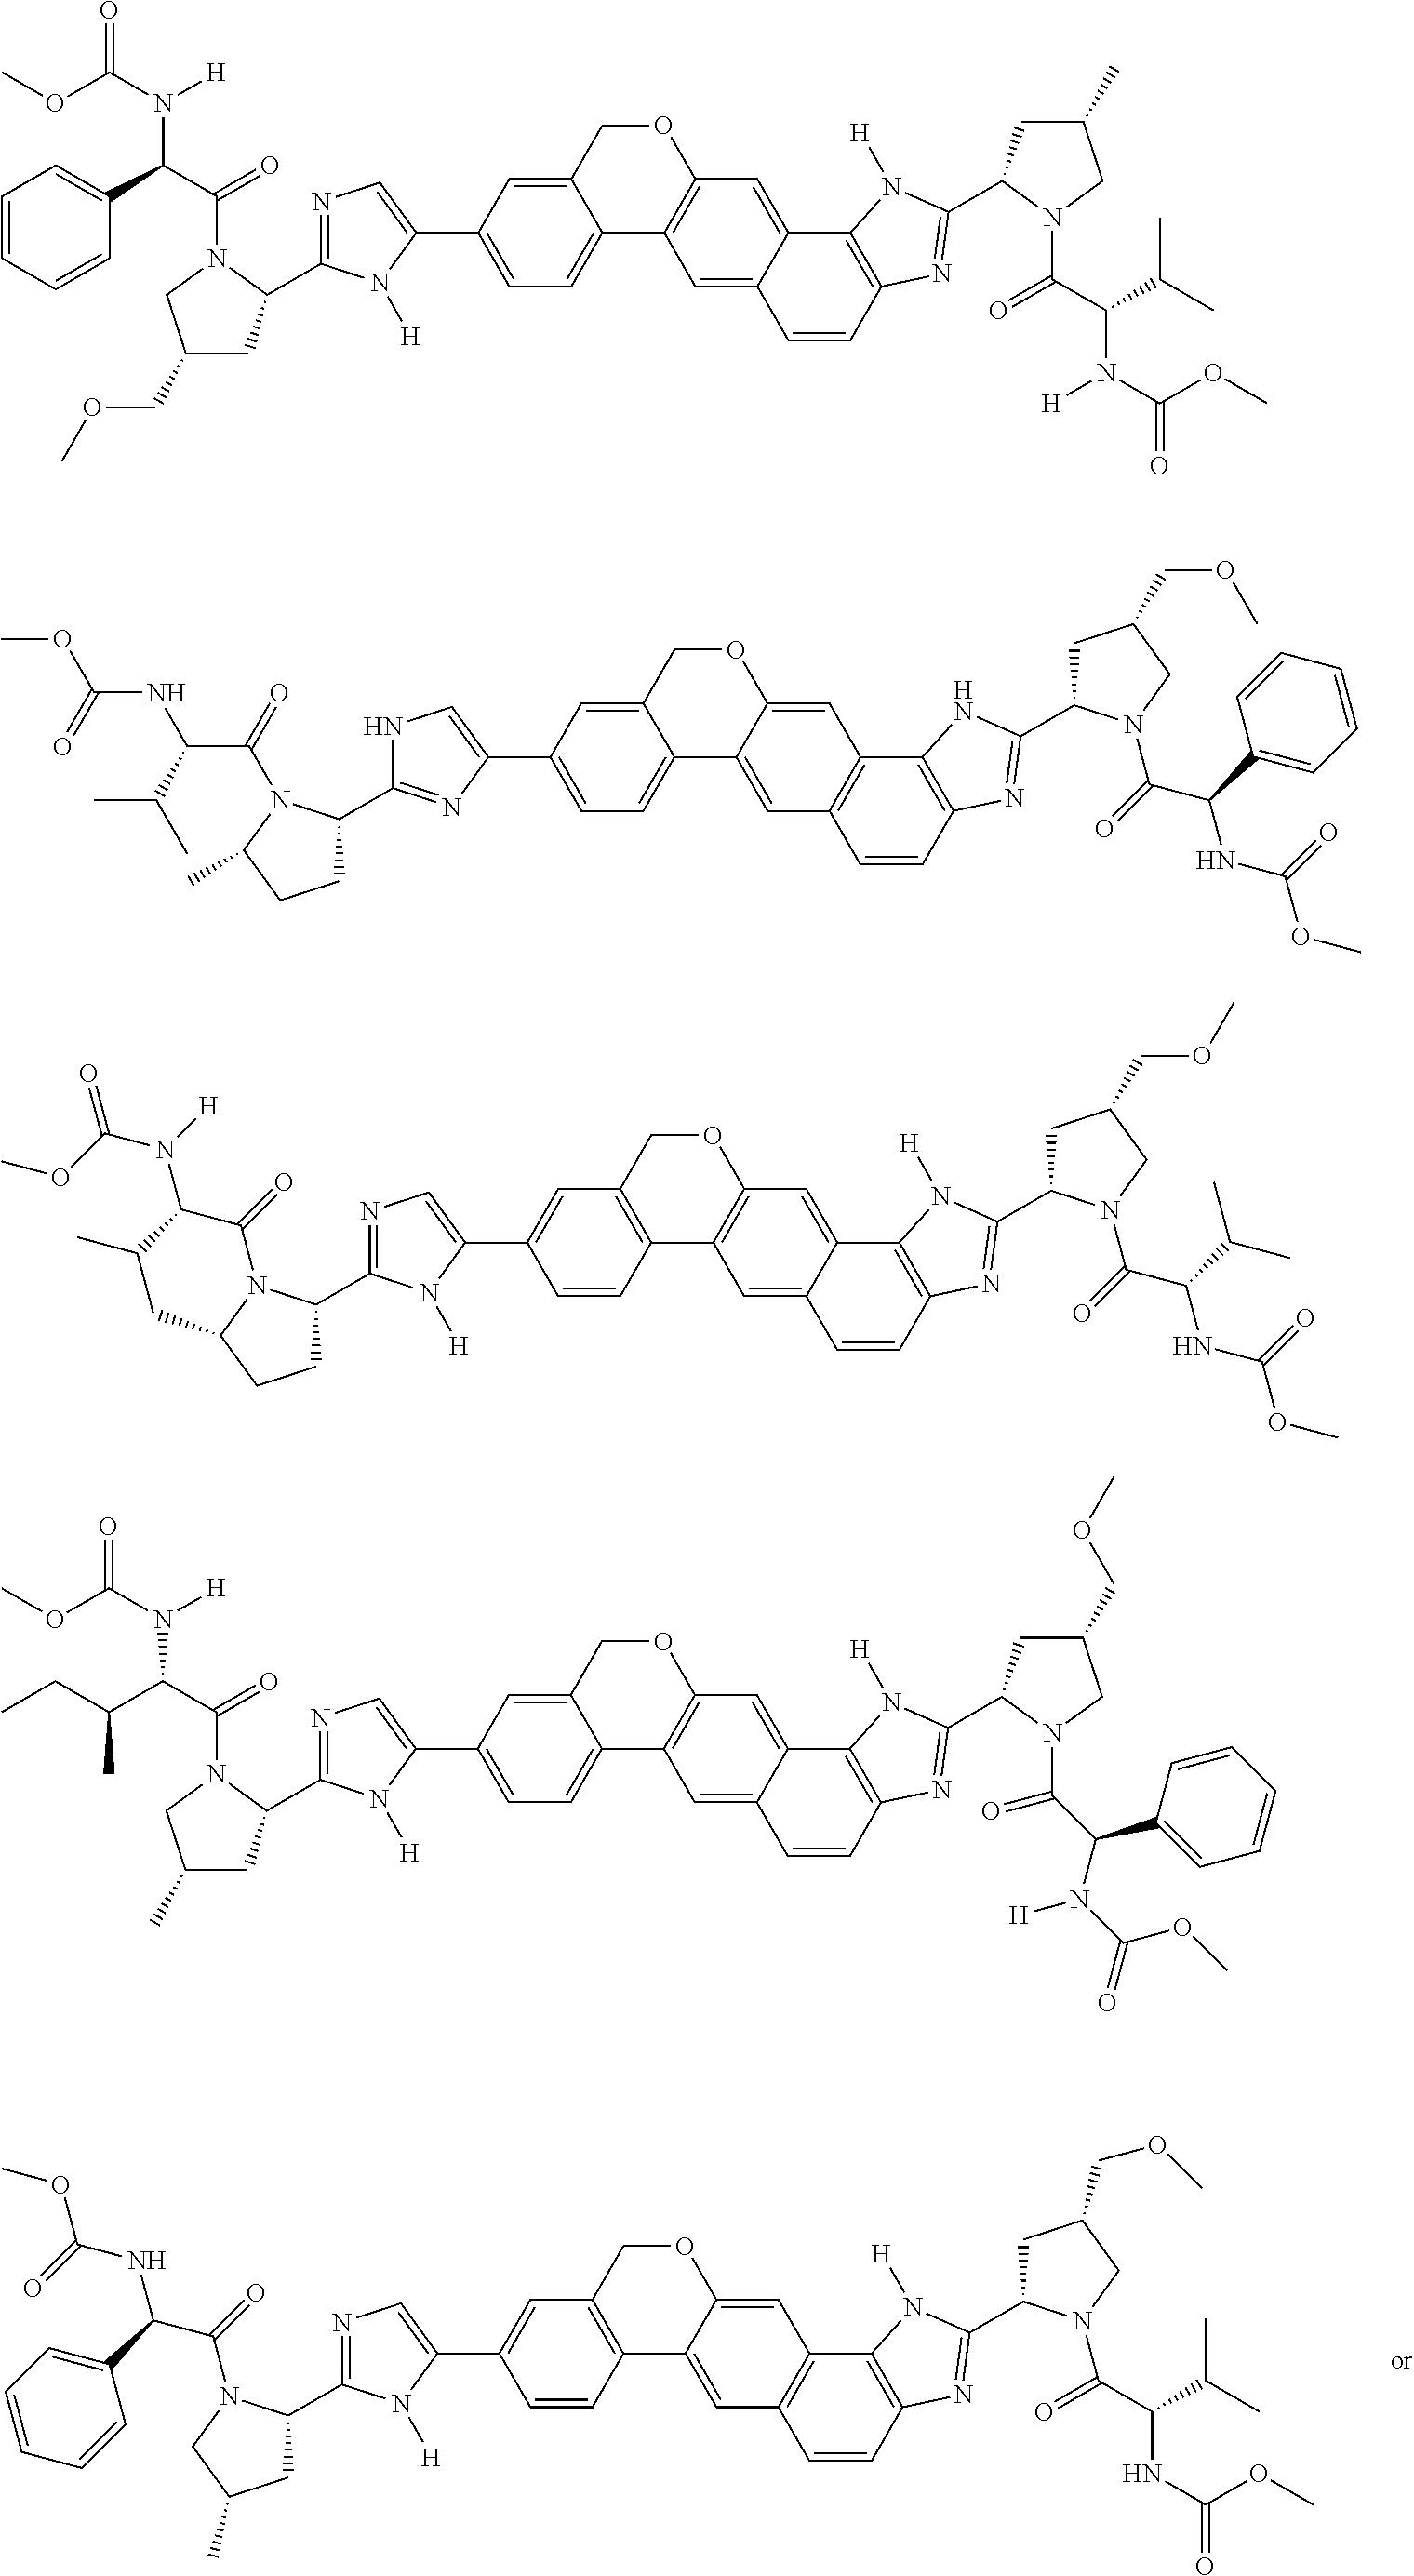 Figure US08575135-20131105-C00050